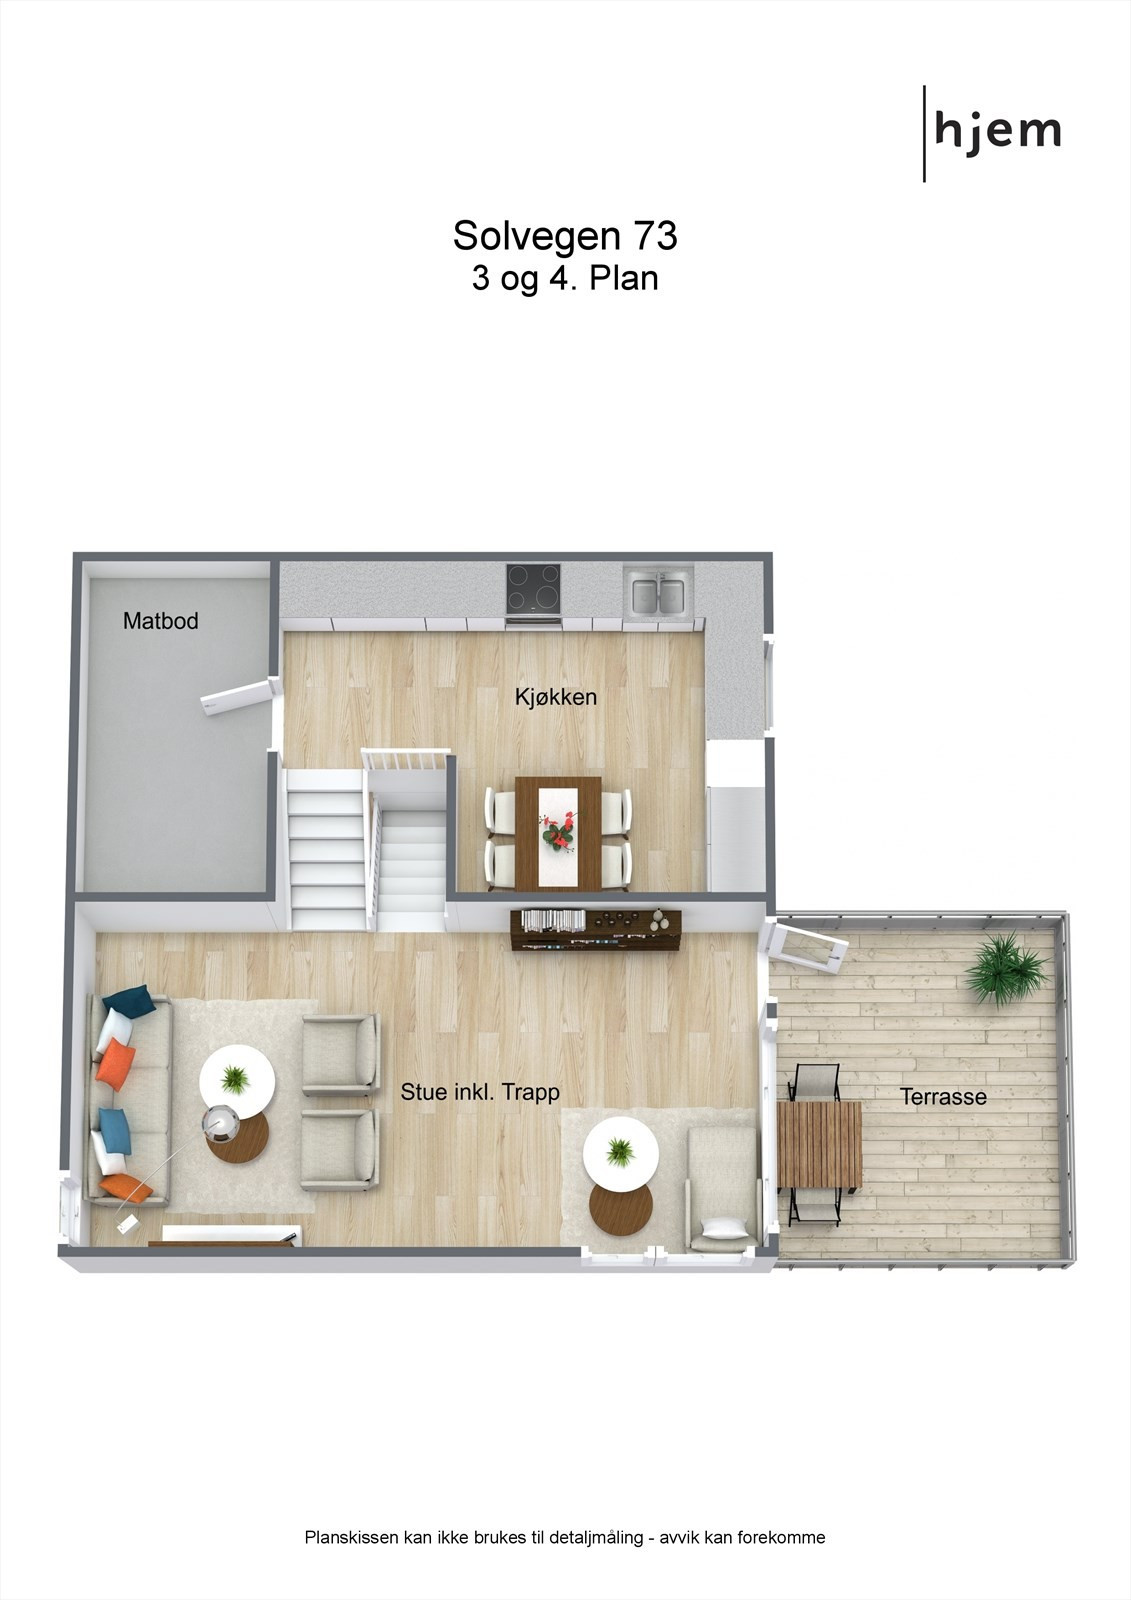 Floorplan letterhead - Solvegen 73 - 3 og 4. Plan - 3D Floor Plan.jpg